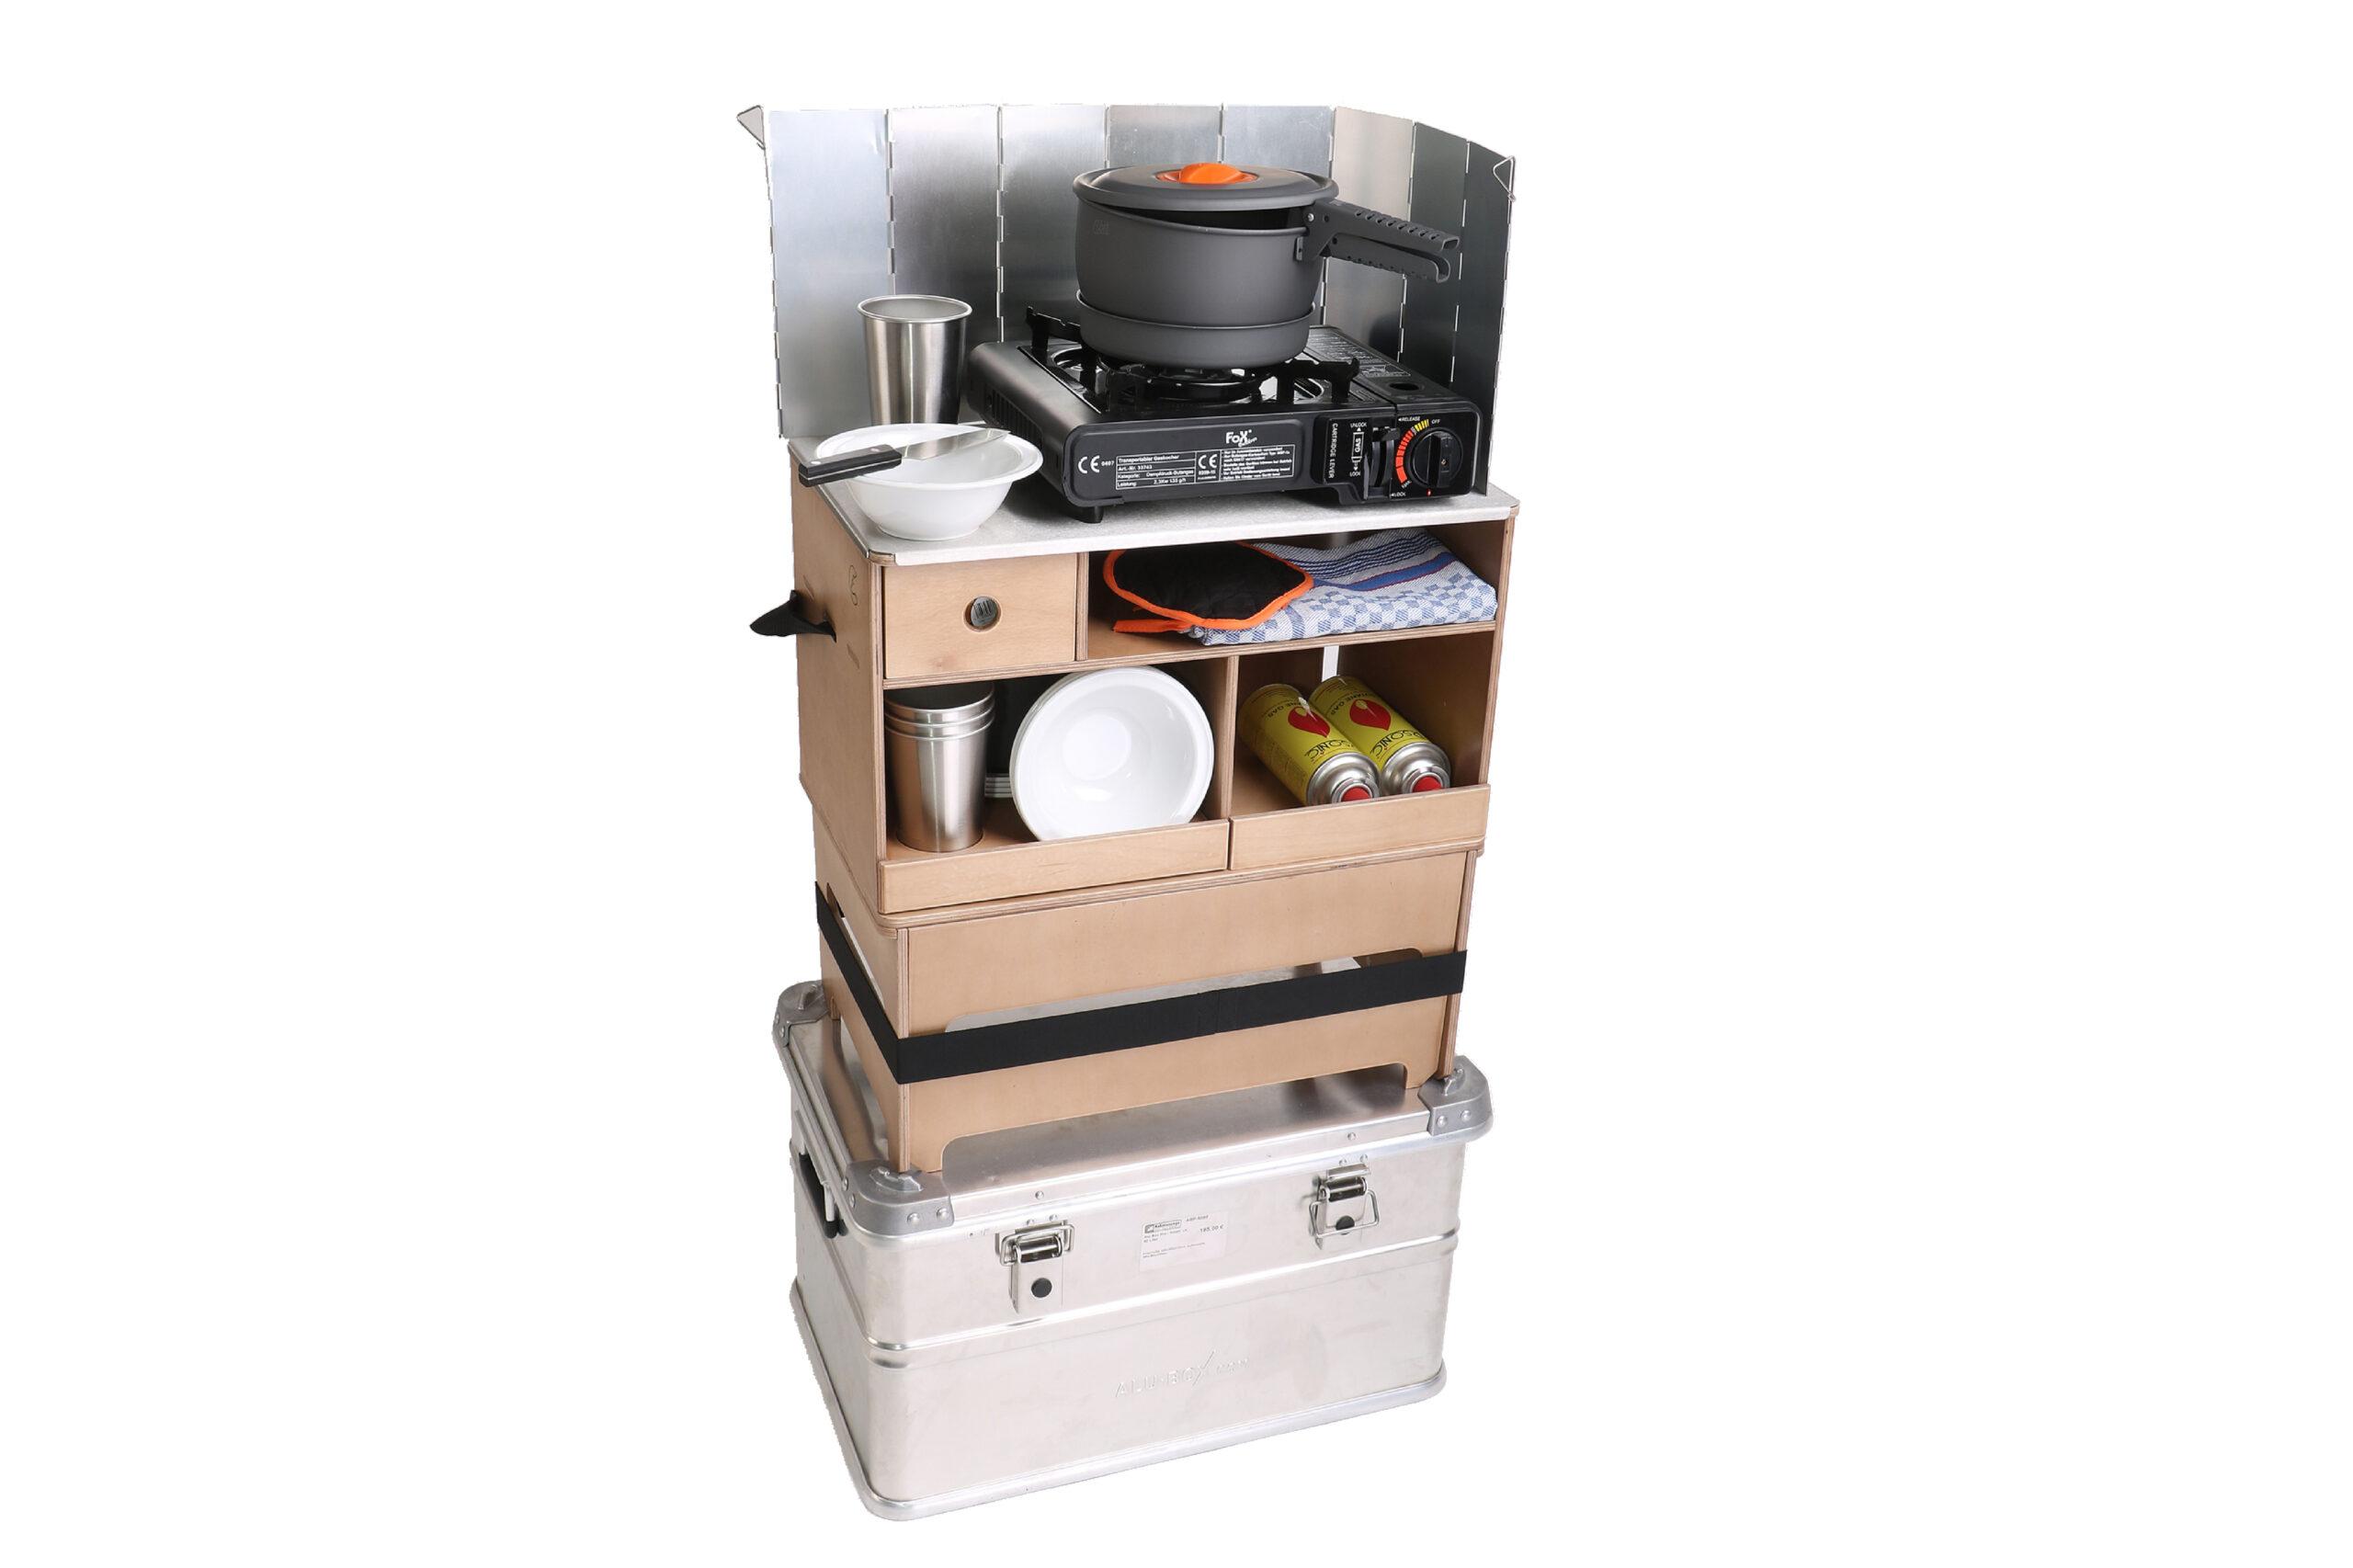 Full Size of Mobile Outdoorküche Das Wahnsinnig Praktische Ding Nakatanenga Kchenbox Küche Wohnzimmer Mobile Outdoorküche